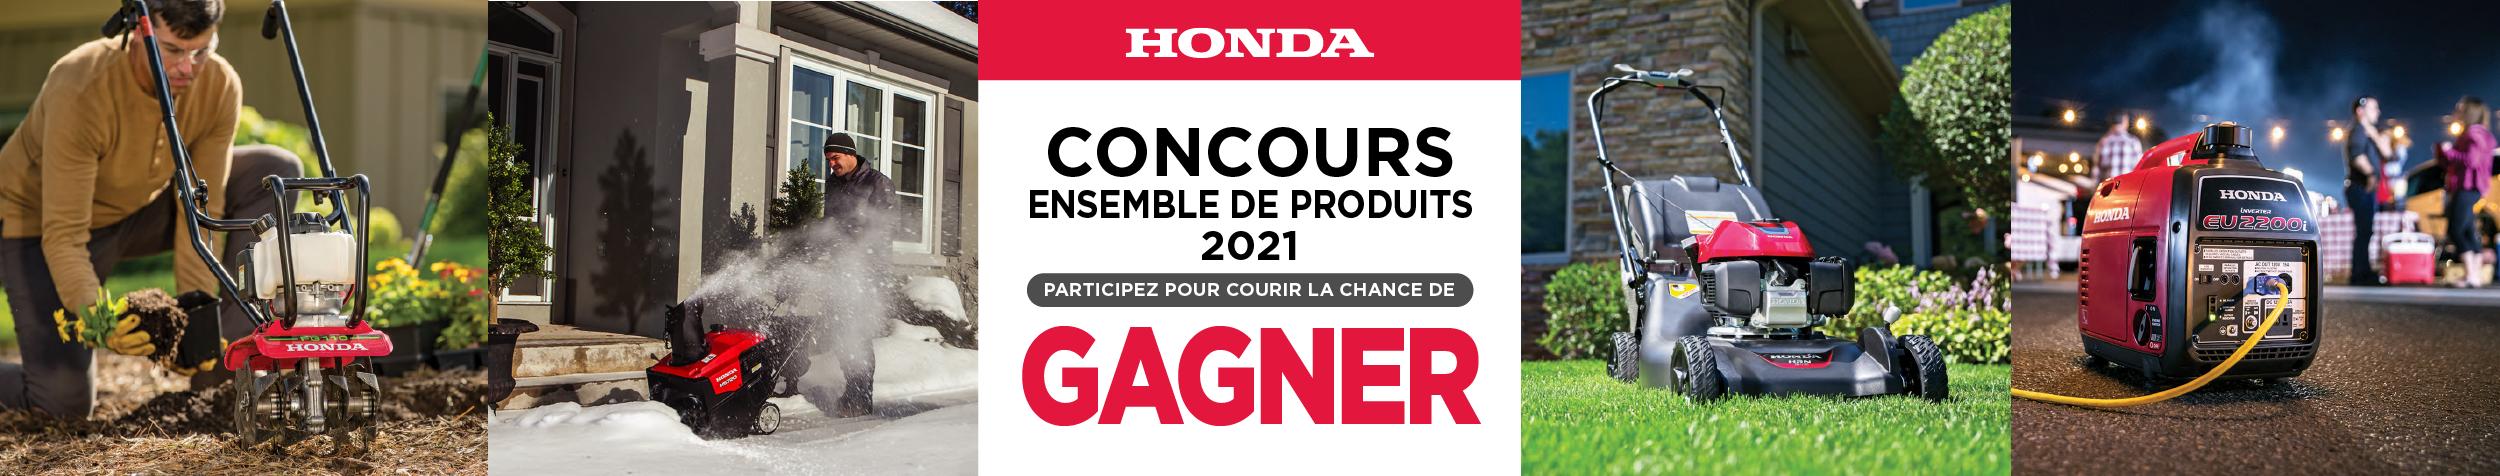 Concours Honda